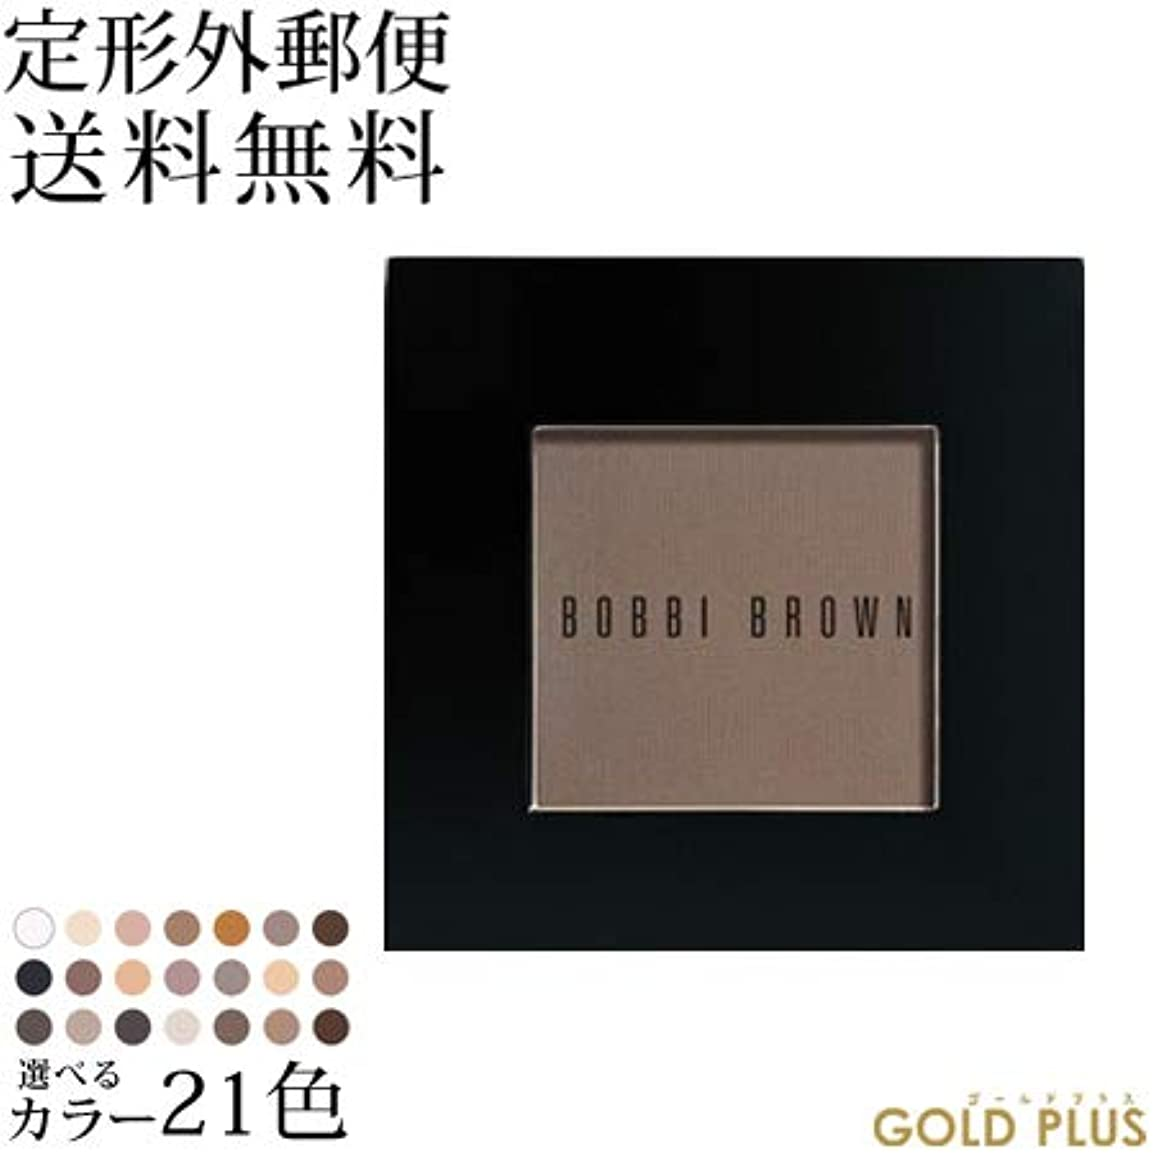 ボビイブラウン アイシャドウ 選べる全21色 -BOBBI BROWN- リッチブラウン